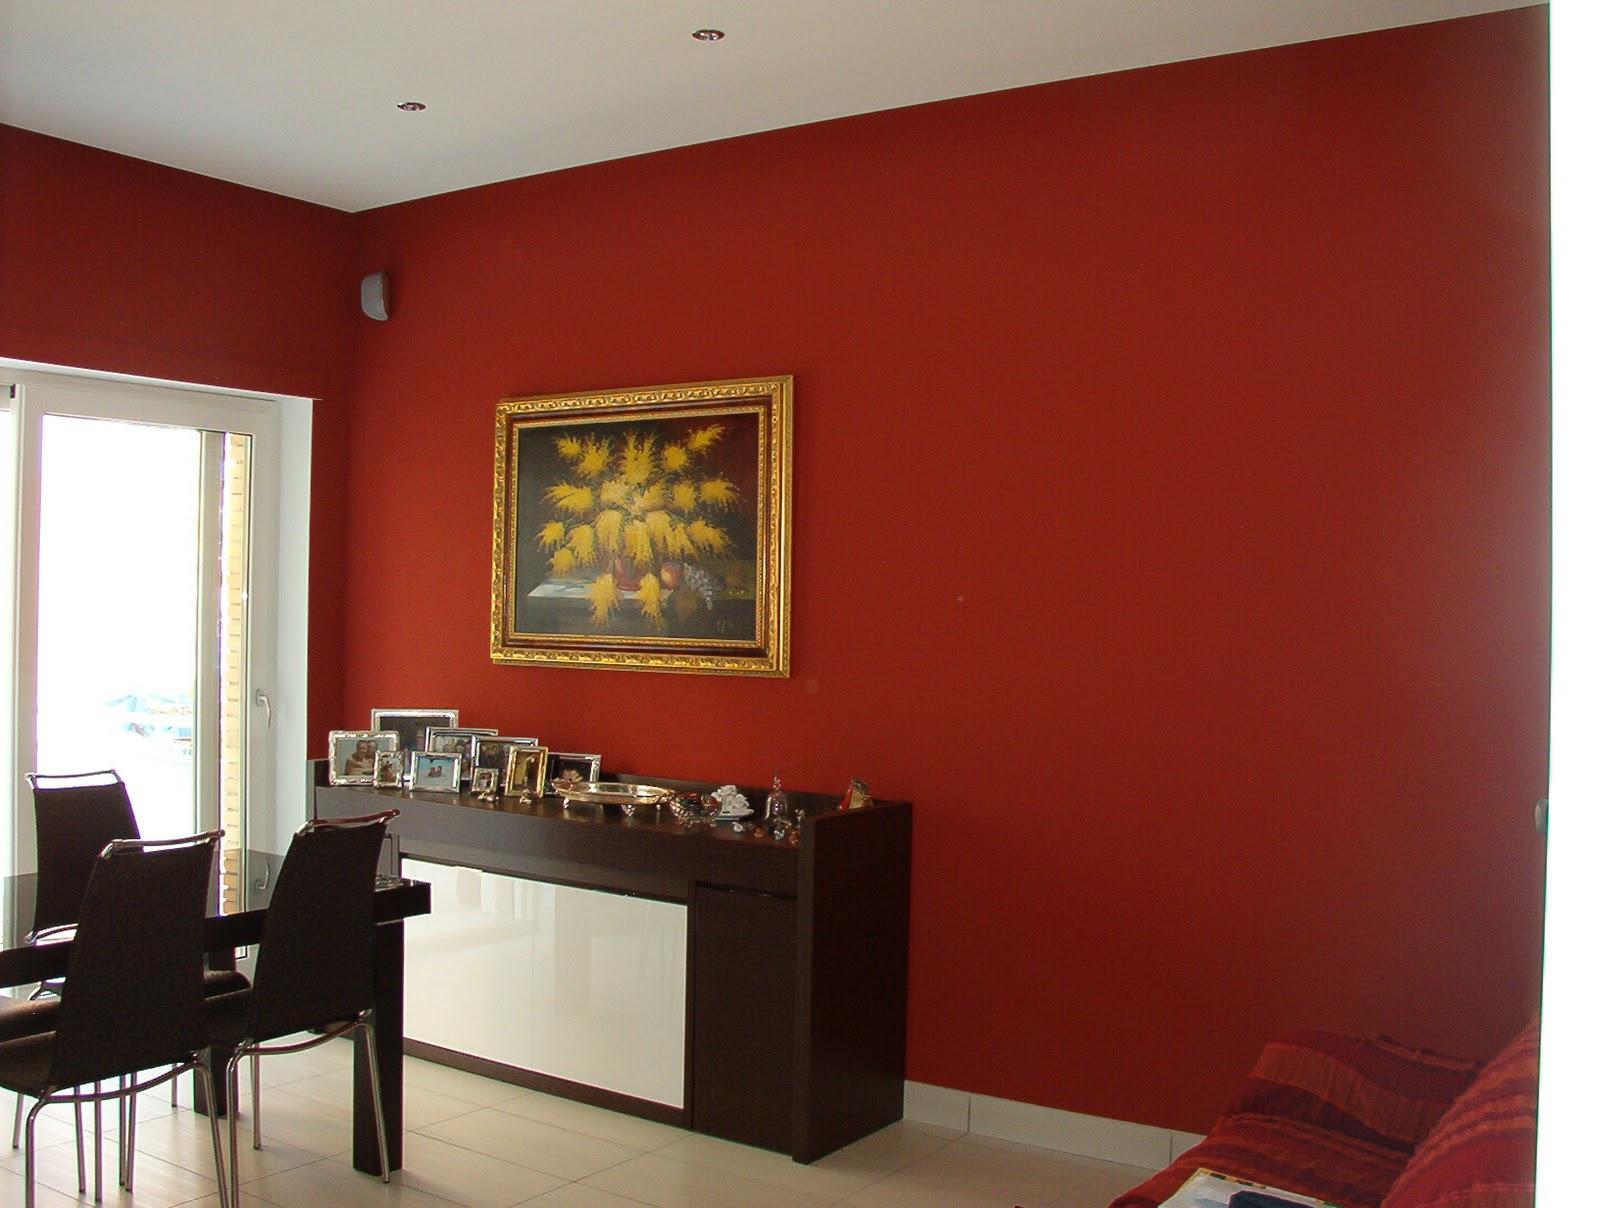 Consigli per la casa e l 39 arredamento imbiancare casa colori e abbinamenti di tendenza - Colore per casa ...